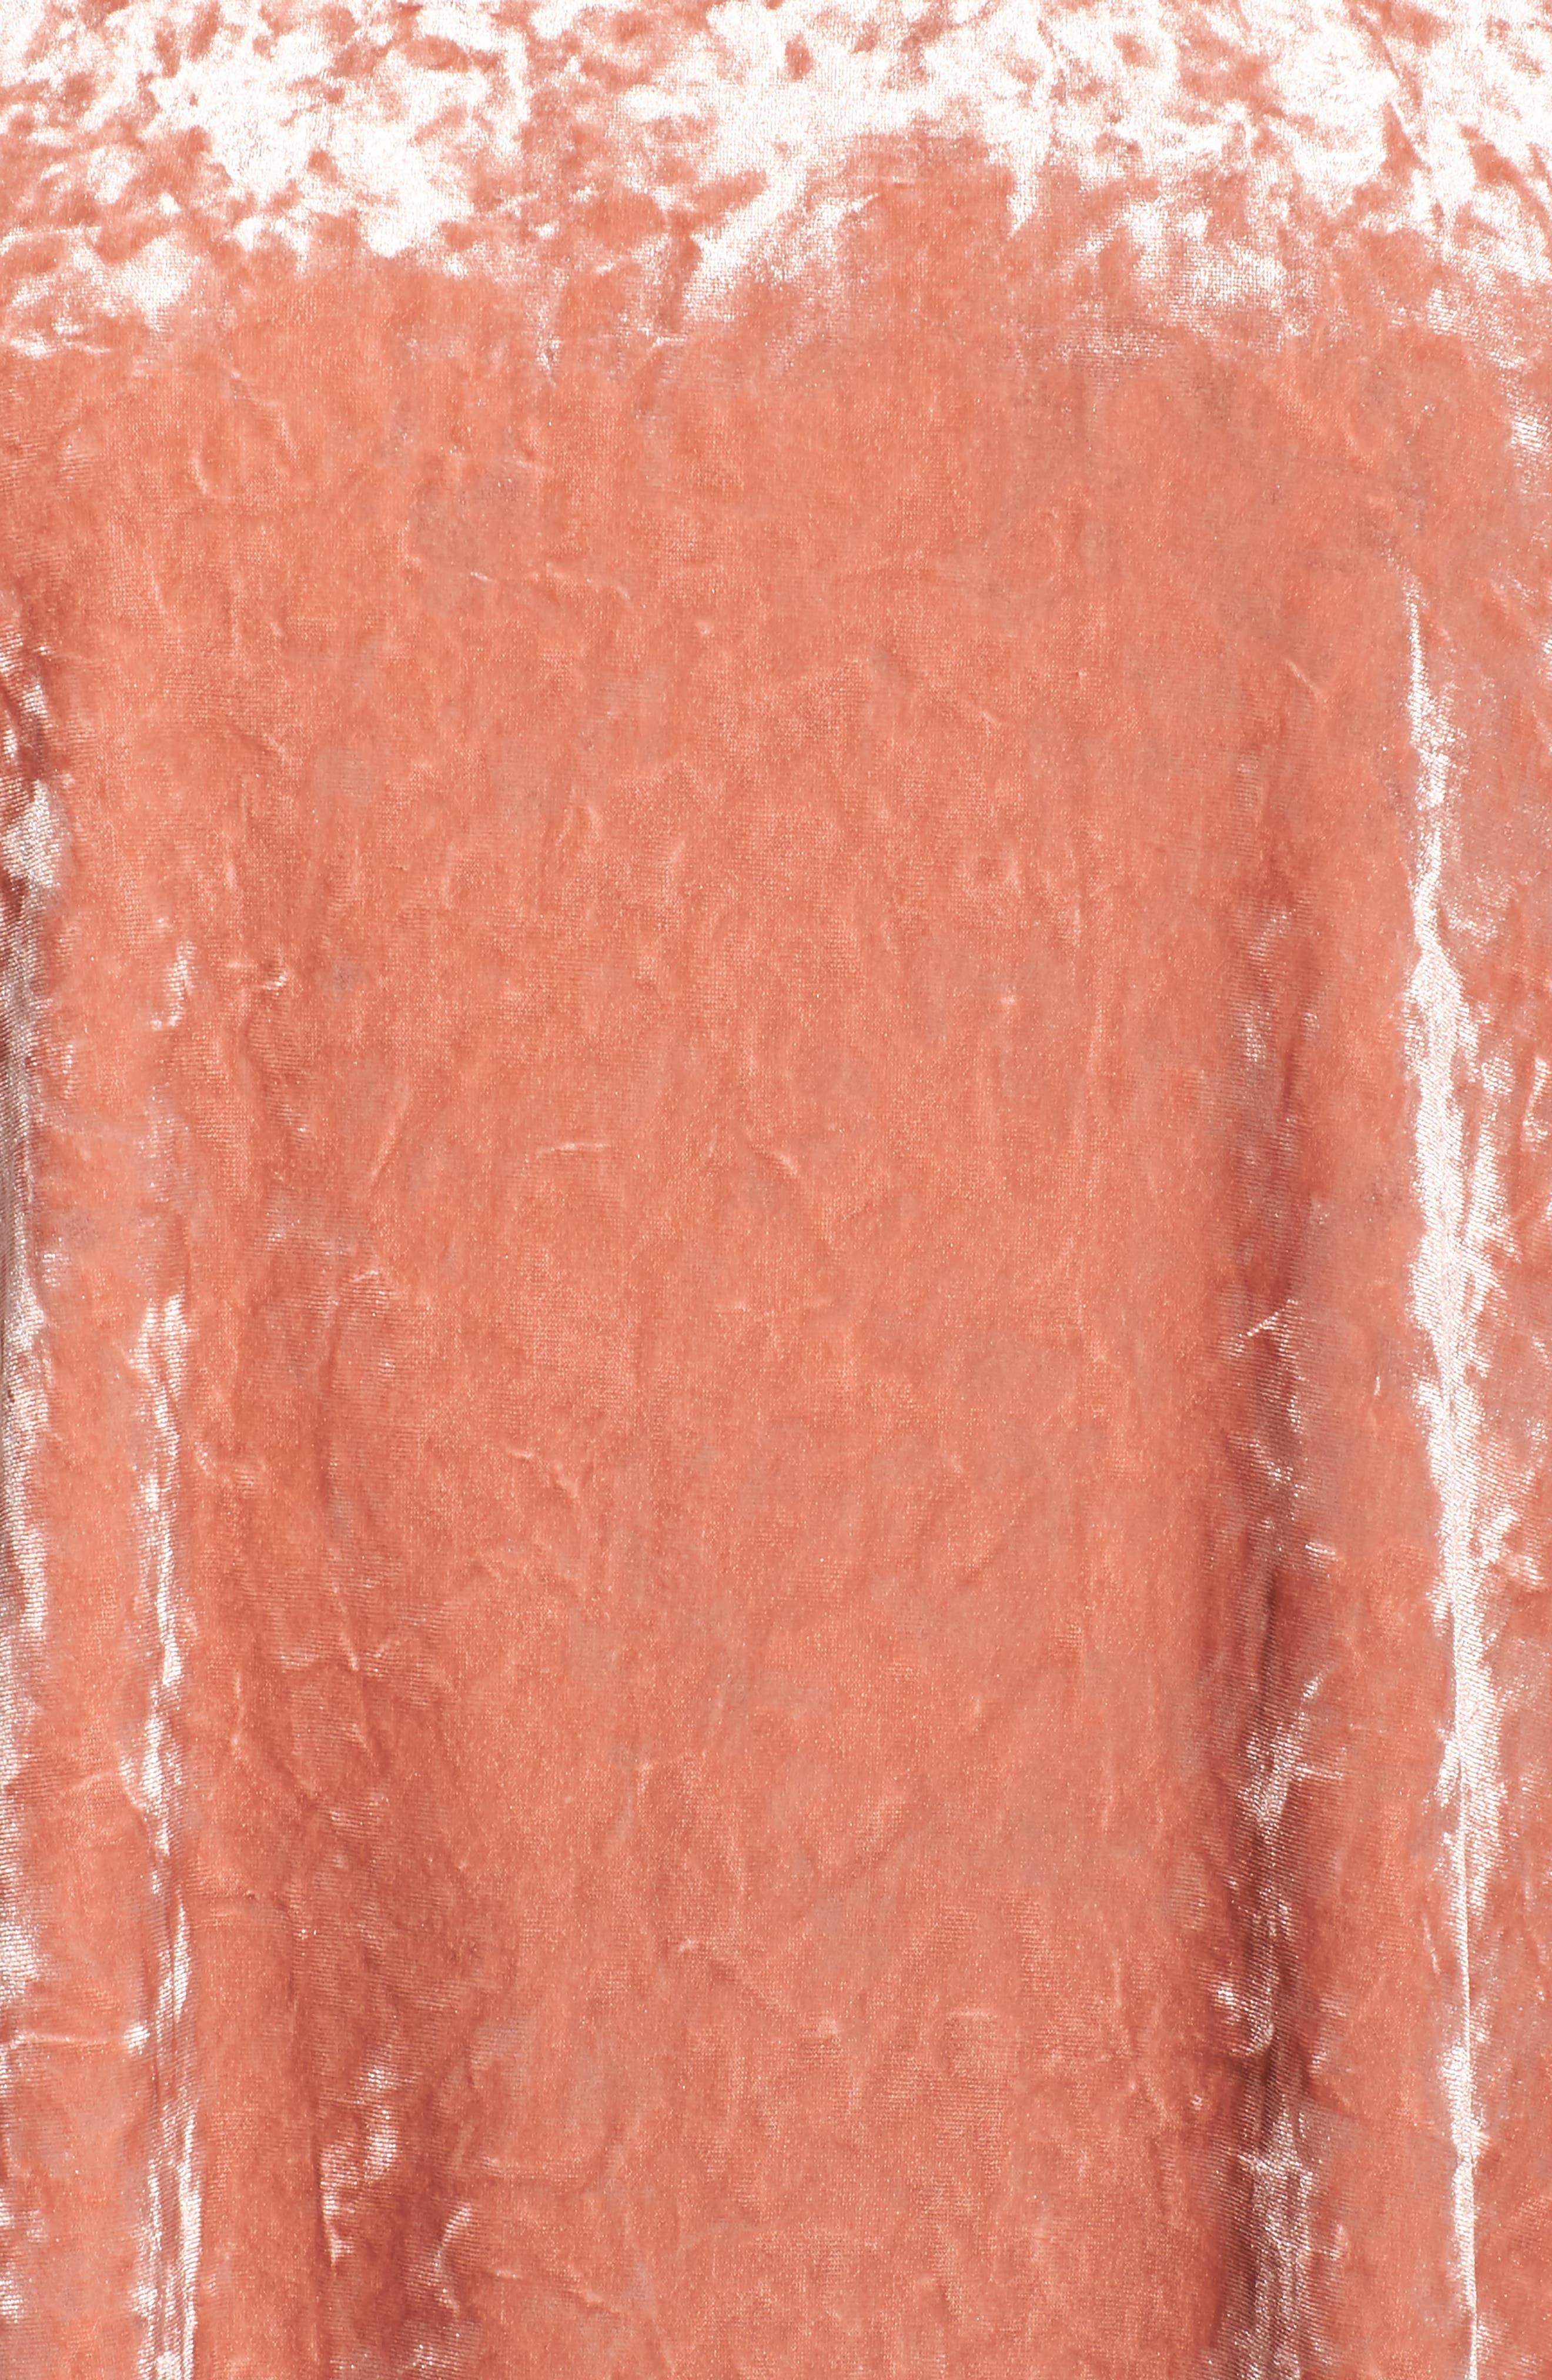 Off the Shoulder Crushed Velvet Top,                             Alternate thumbnail 5, color,                             Rose